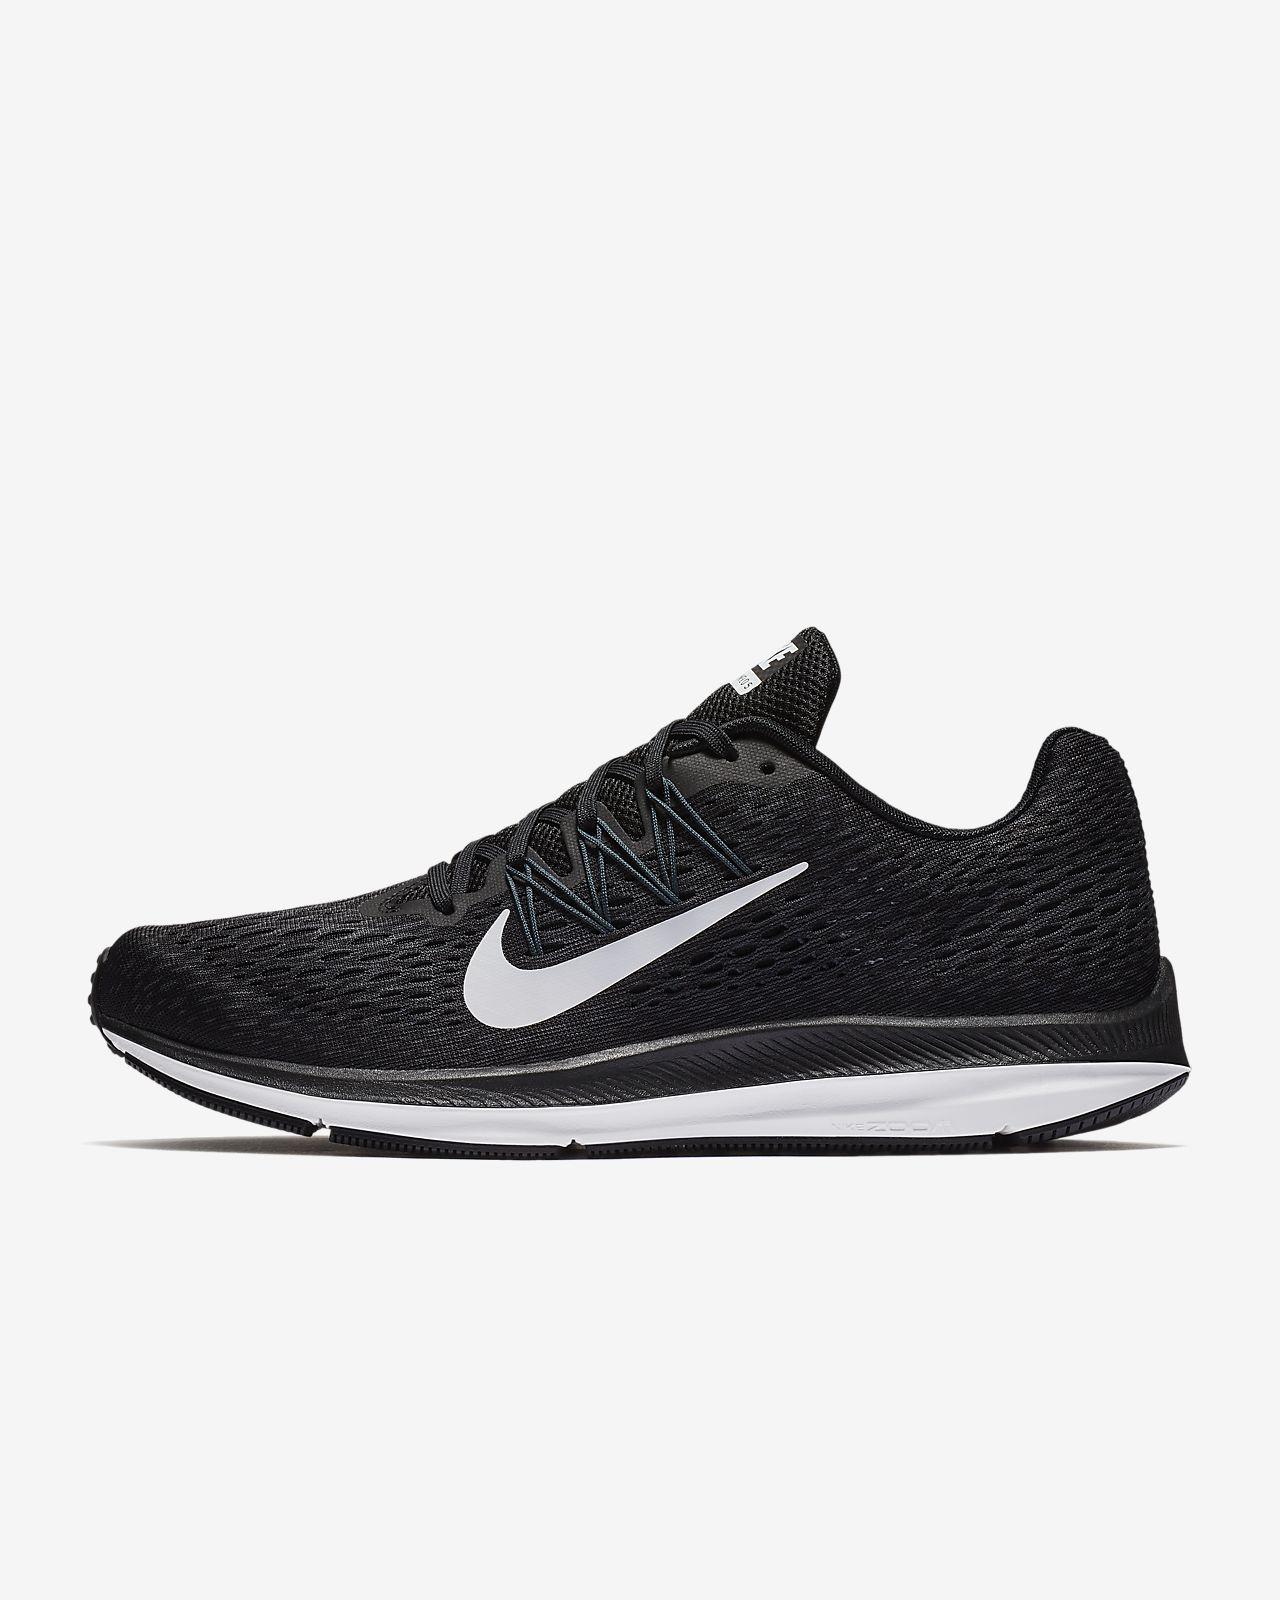 Nike Air Zoom Winflo 5 Men's Running